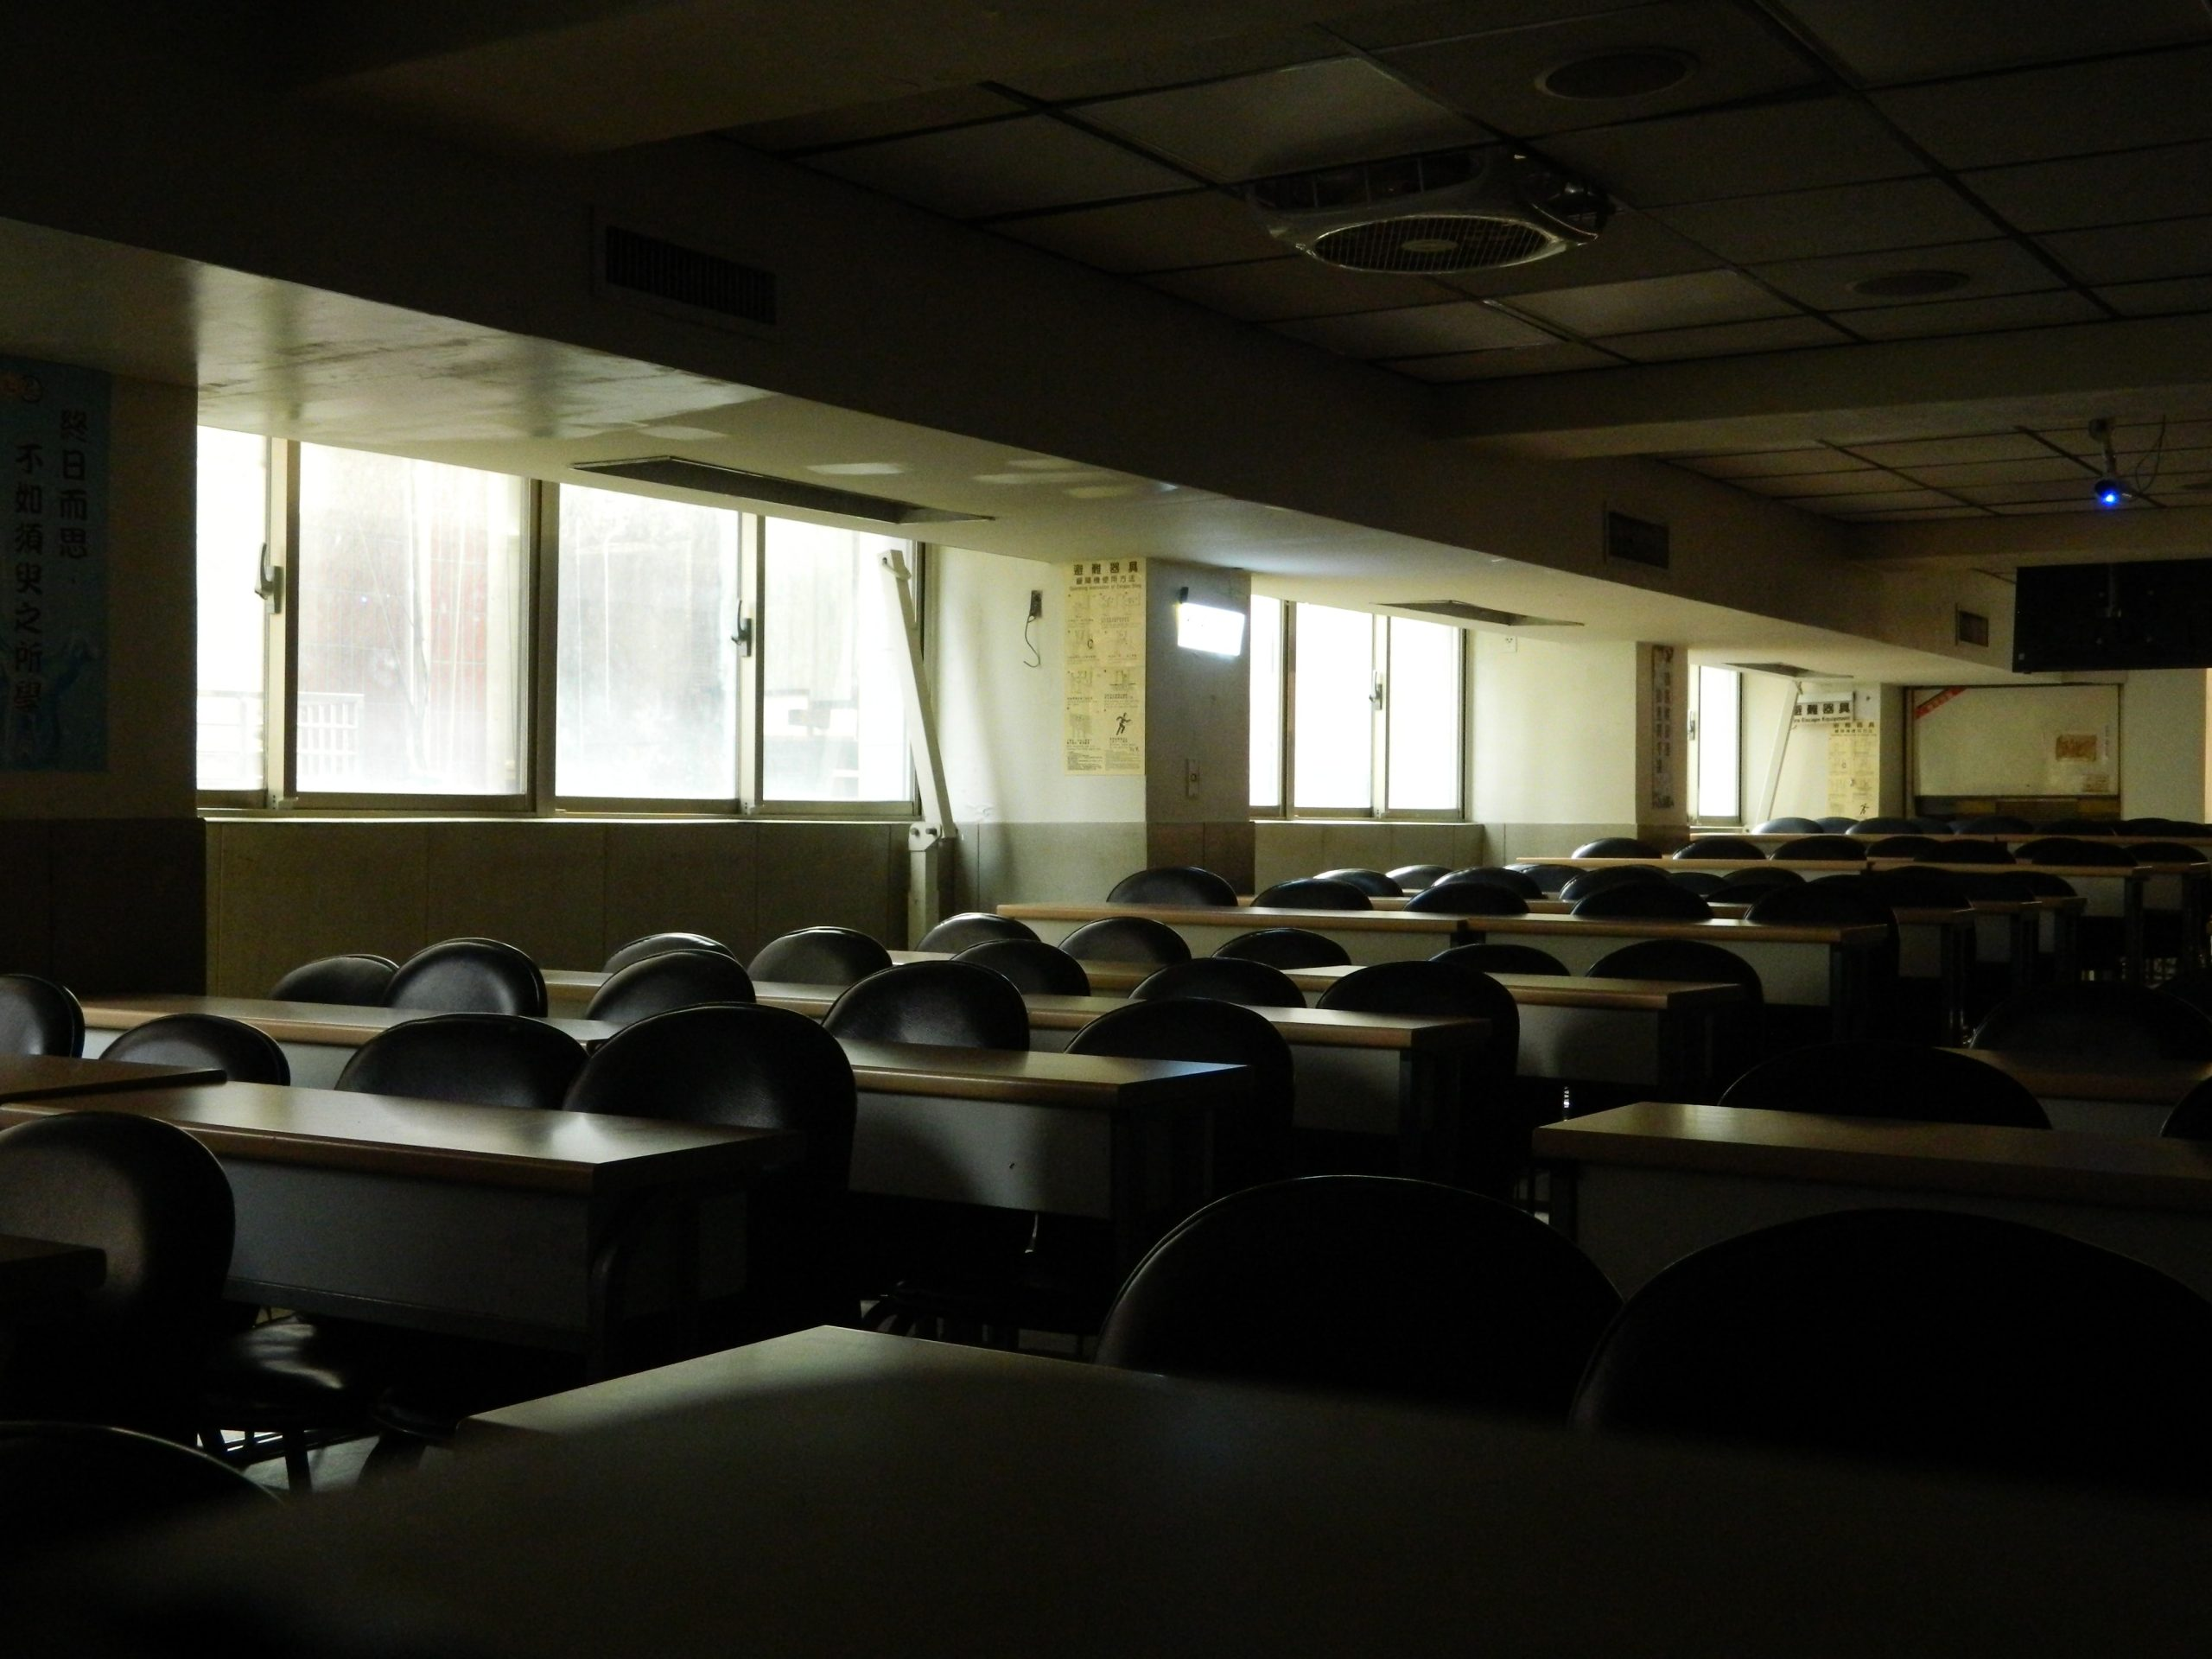 Fotografia prázdnej triedy. Zobrazuje veľa stoličiek a stolov.